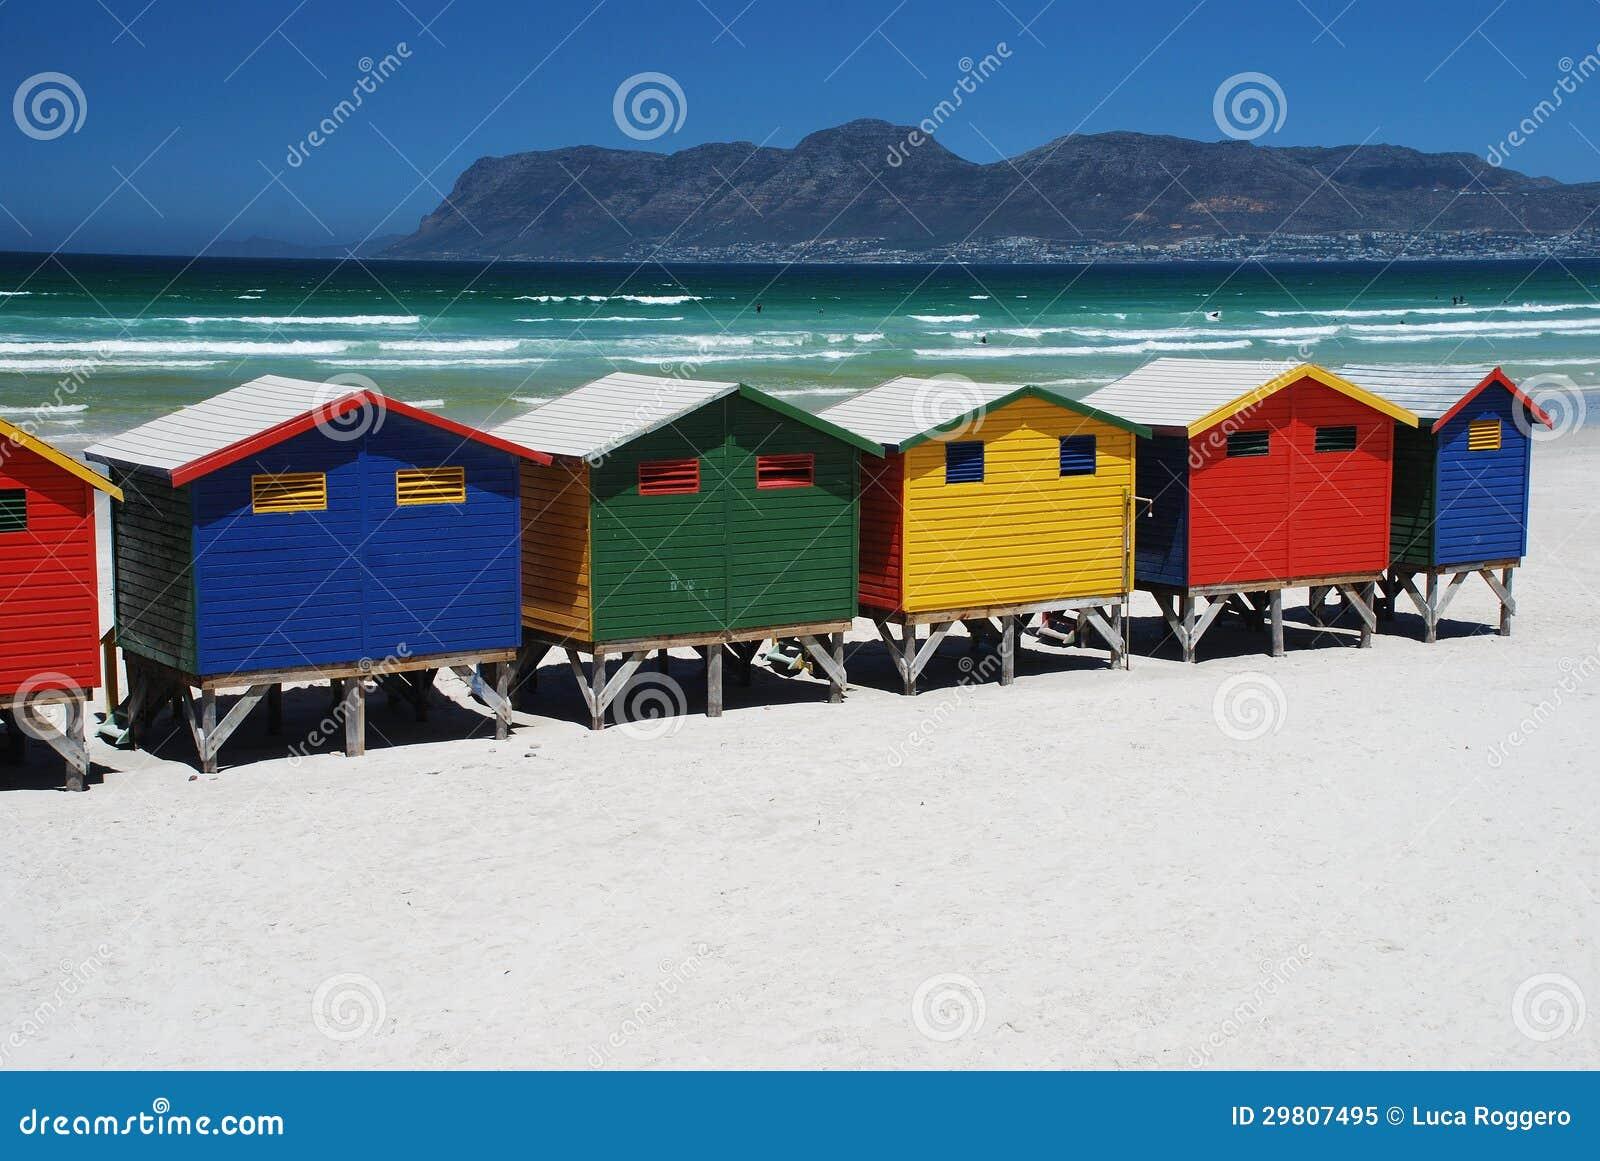 Huttes de plage en Muizenberg, Afrique du Sud